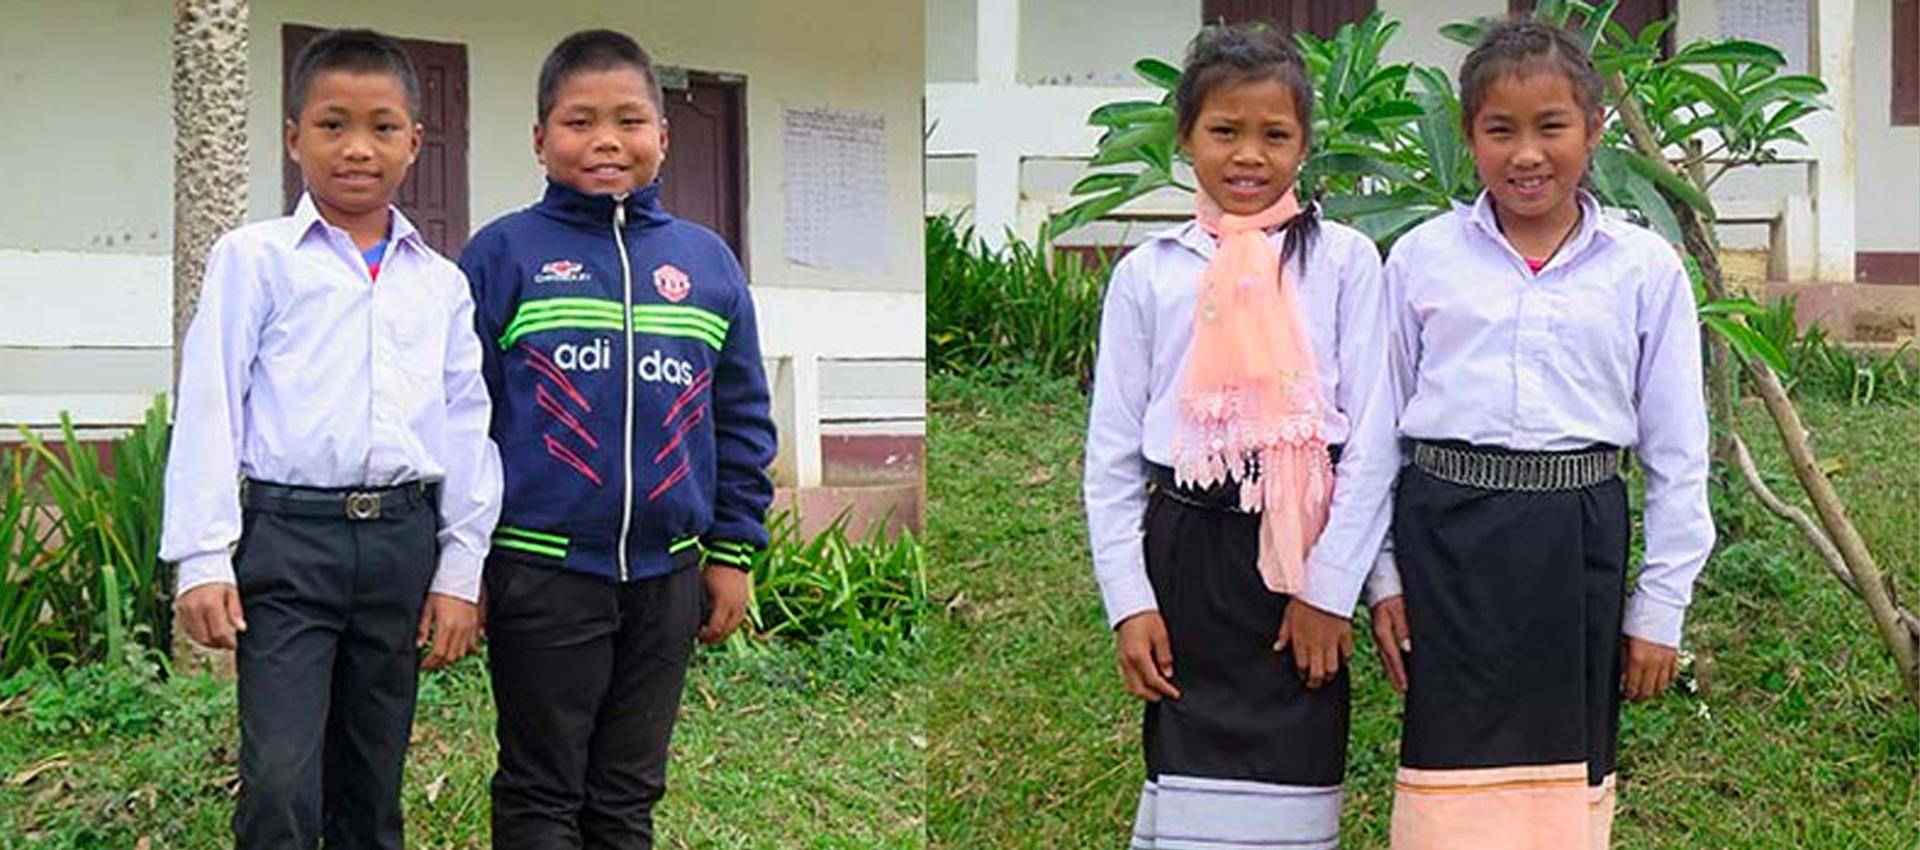 Vad läser barn i Laos?